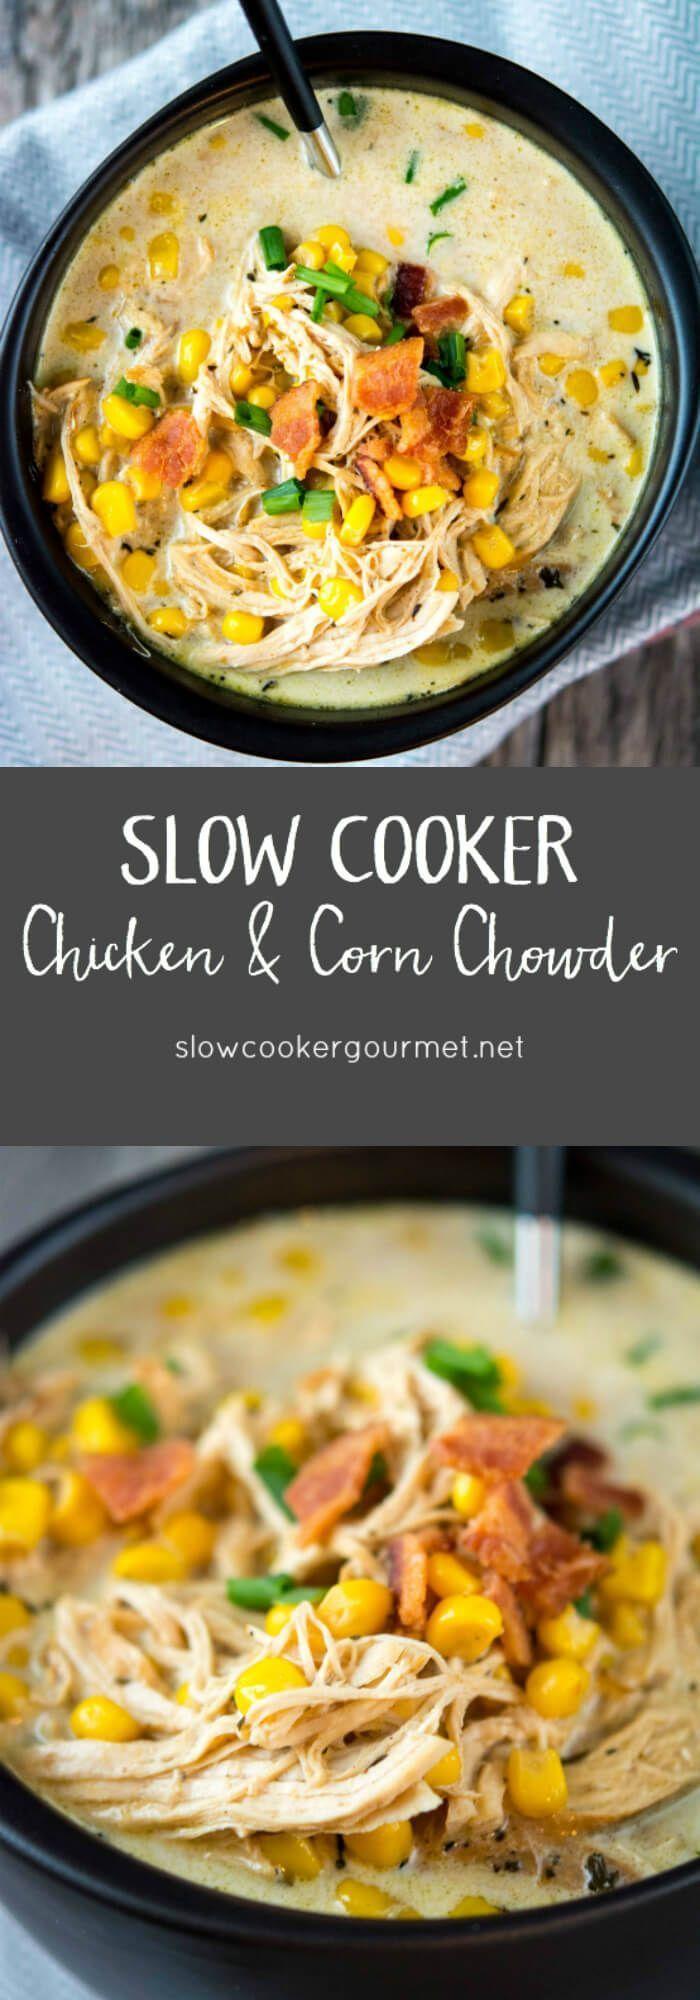 Chicken & Corn Chowder